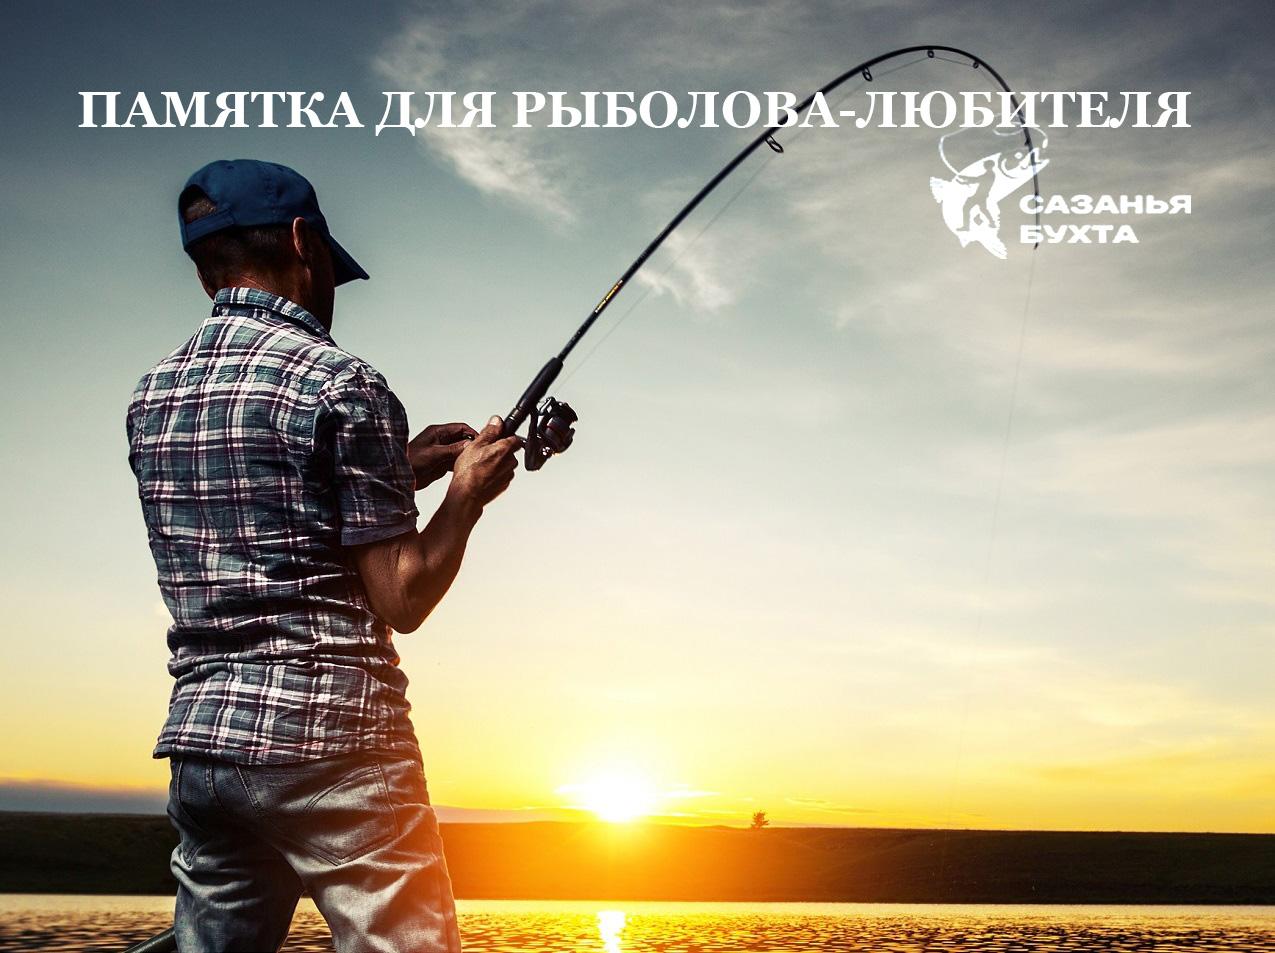 Памятка рыболову